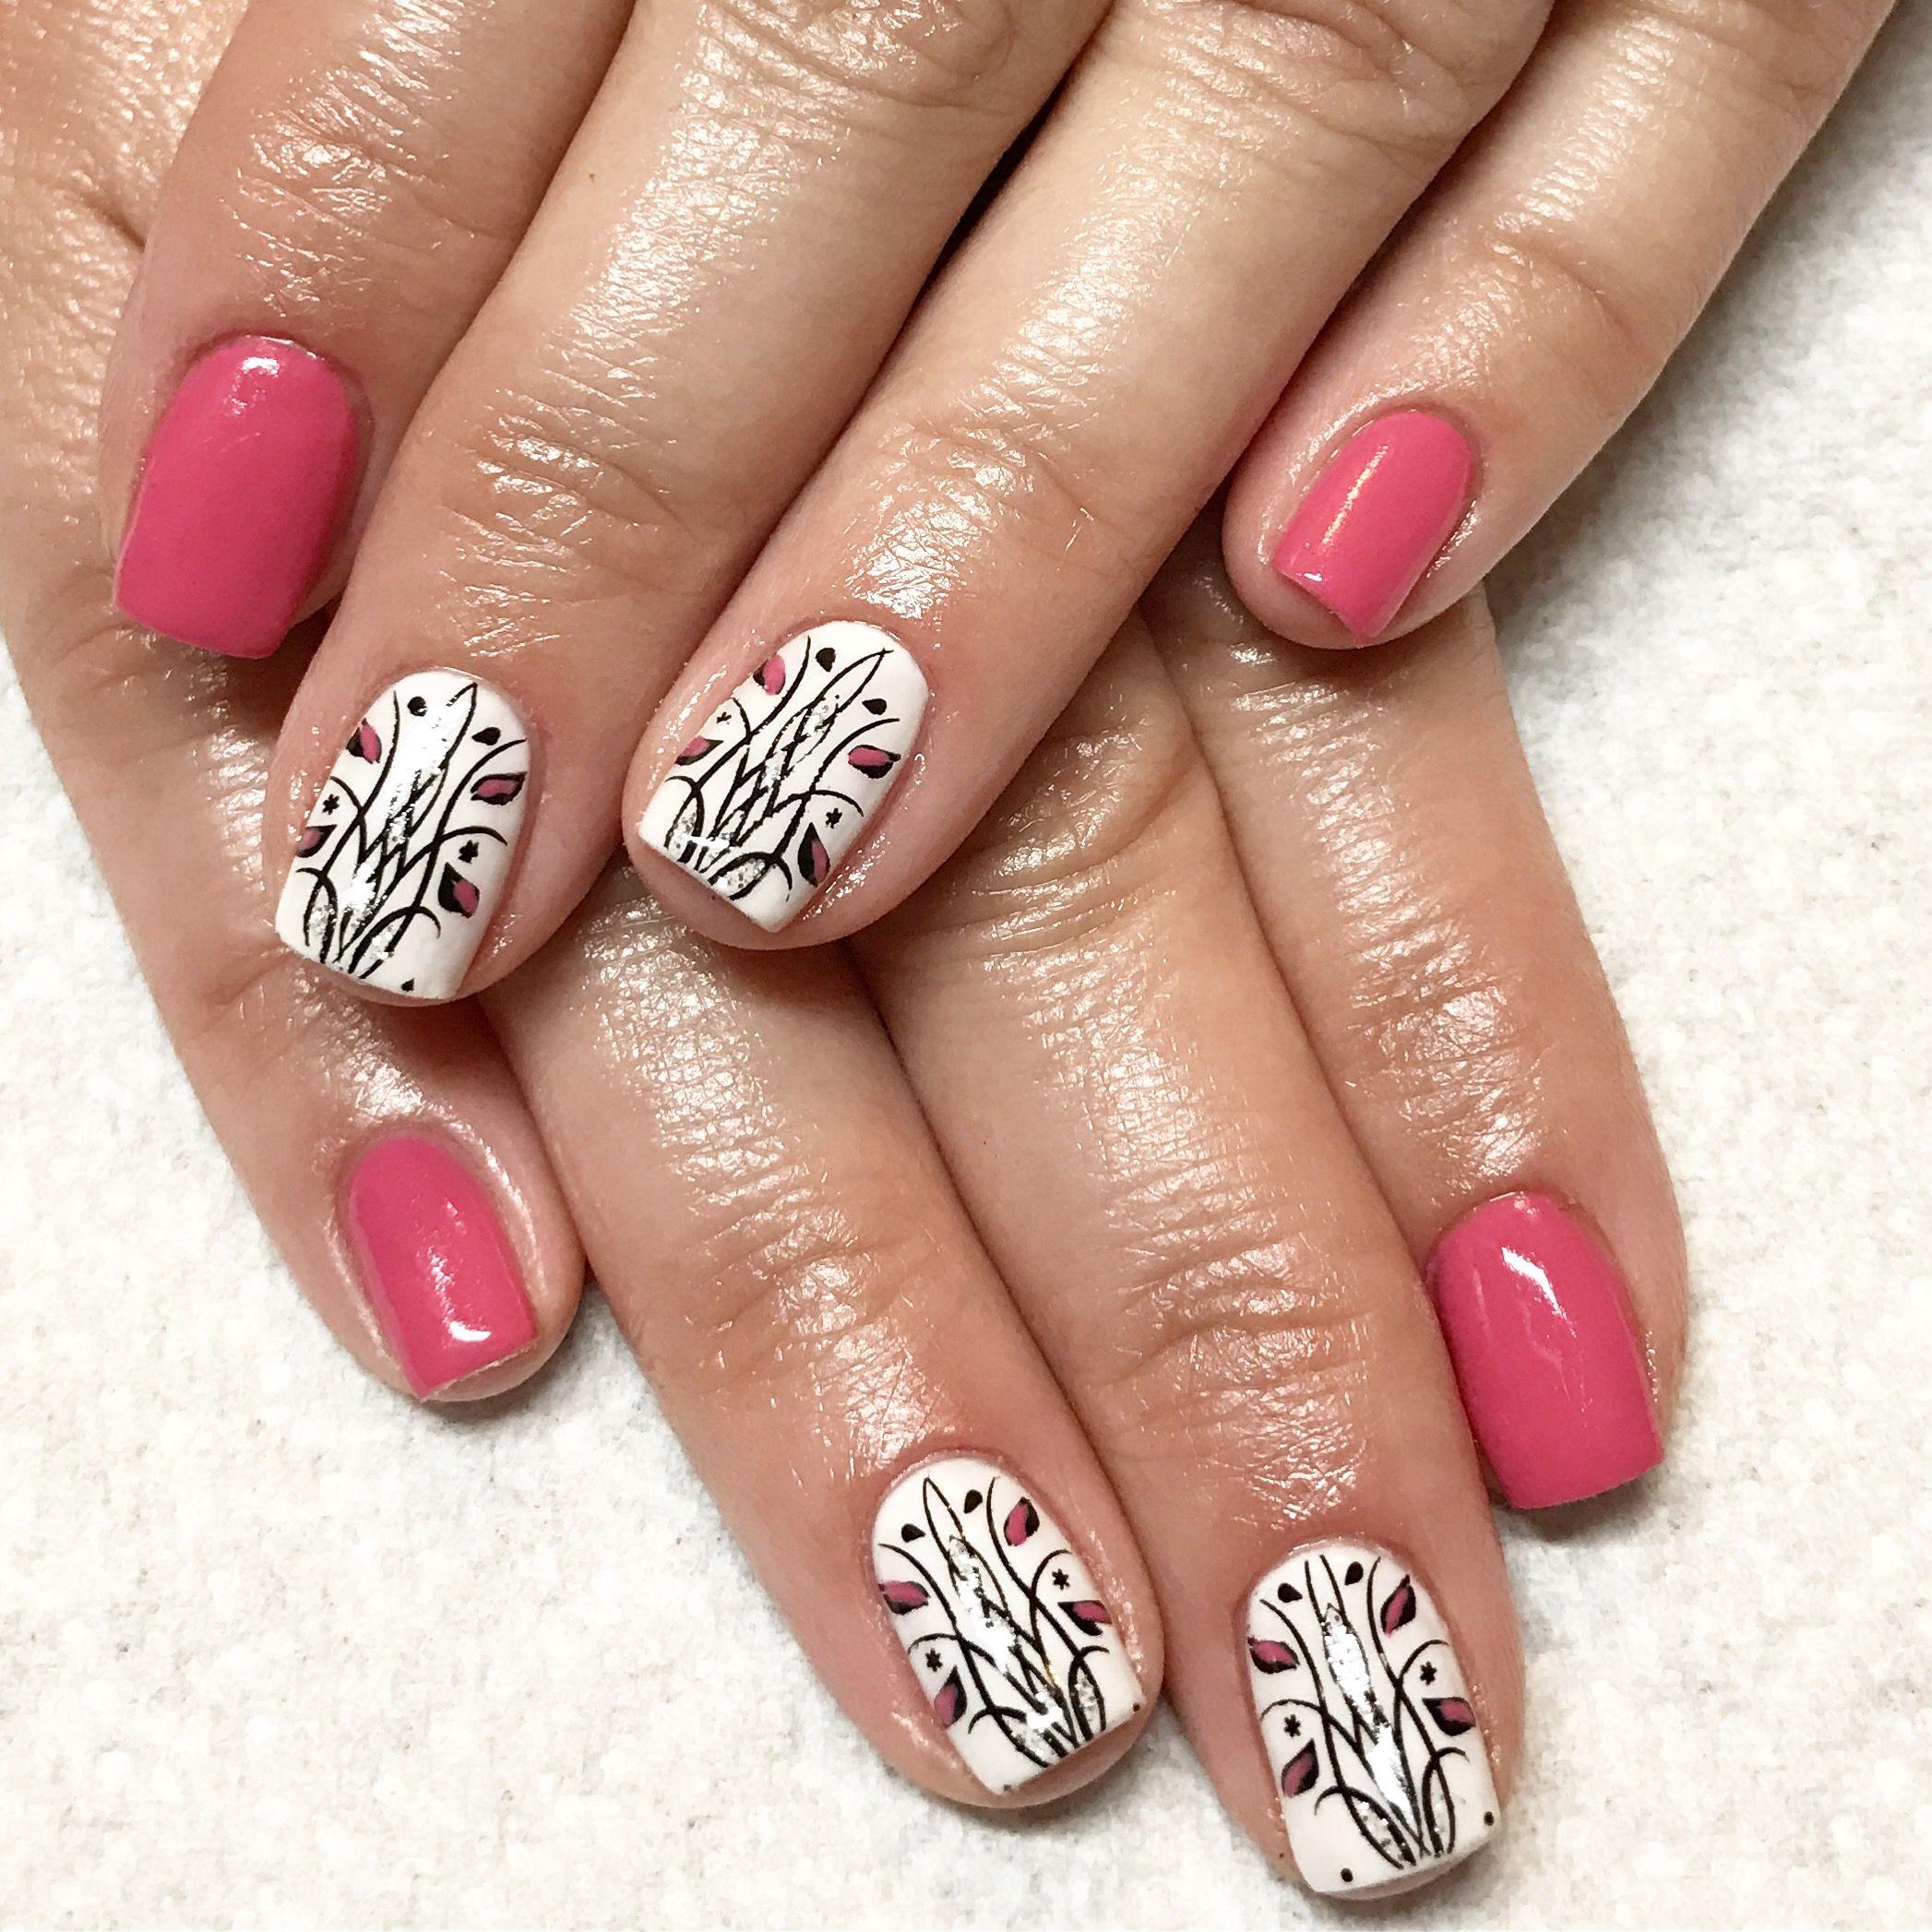 Gel nails natural nails pink nails tulip nail art spring nails gel nails natural nails pink nails tulip nail art spring nails prinsesfo Images